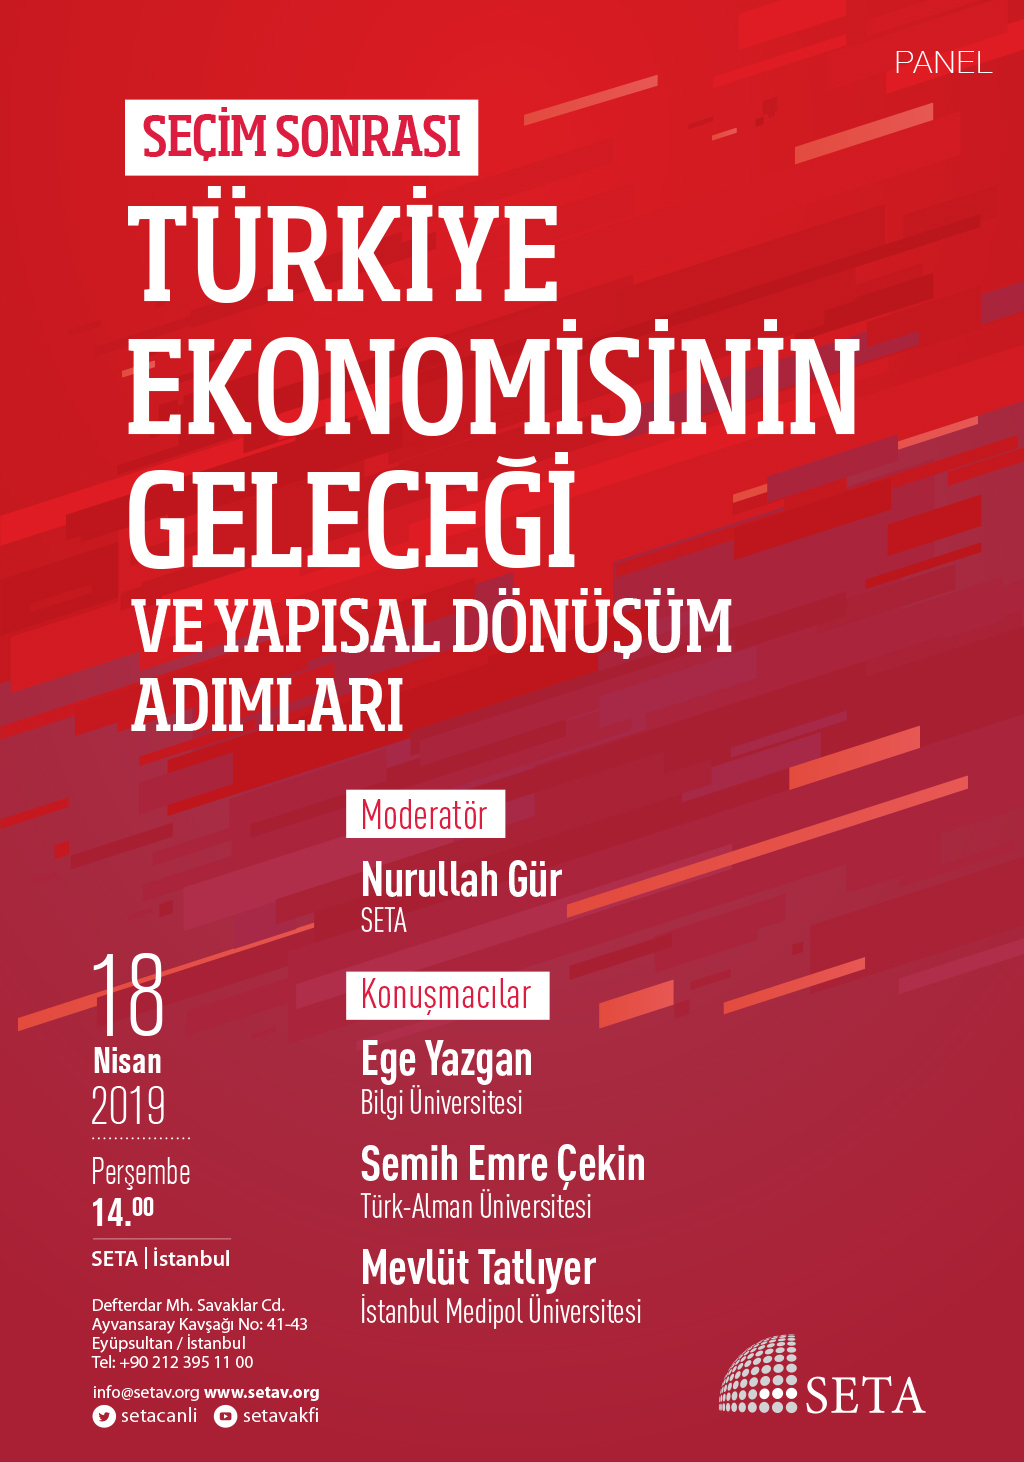 Panel: Seçim Sonrası Türkiye Ekonomisinin Geleceği Ve Yapısal Dönüşüm Adımları